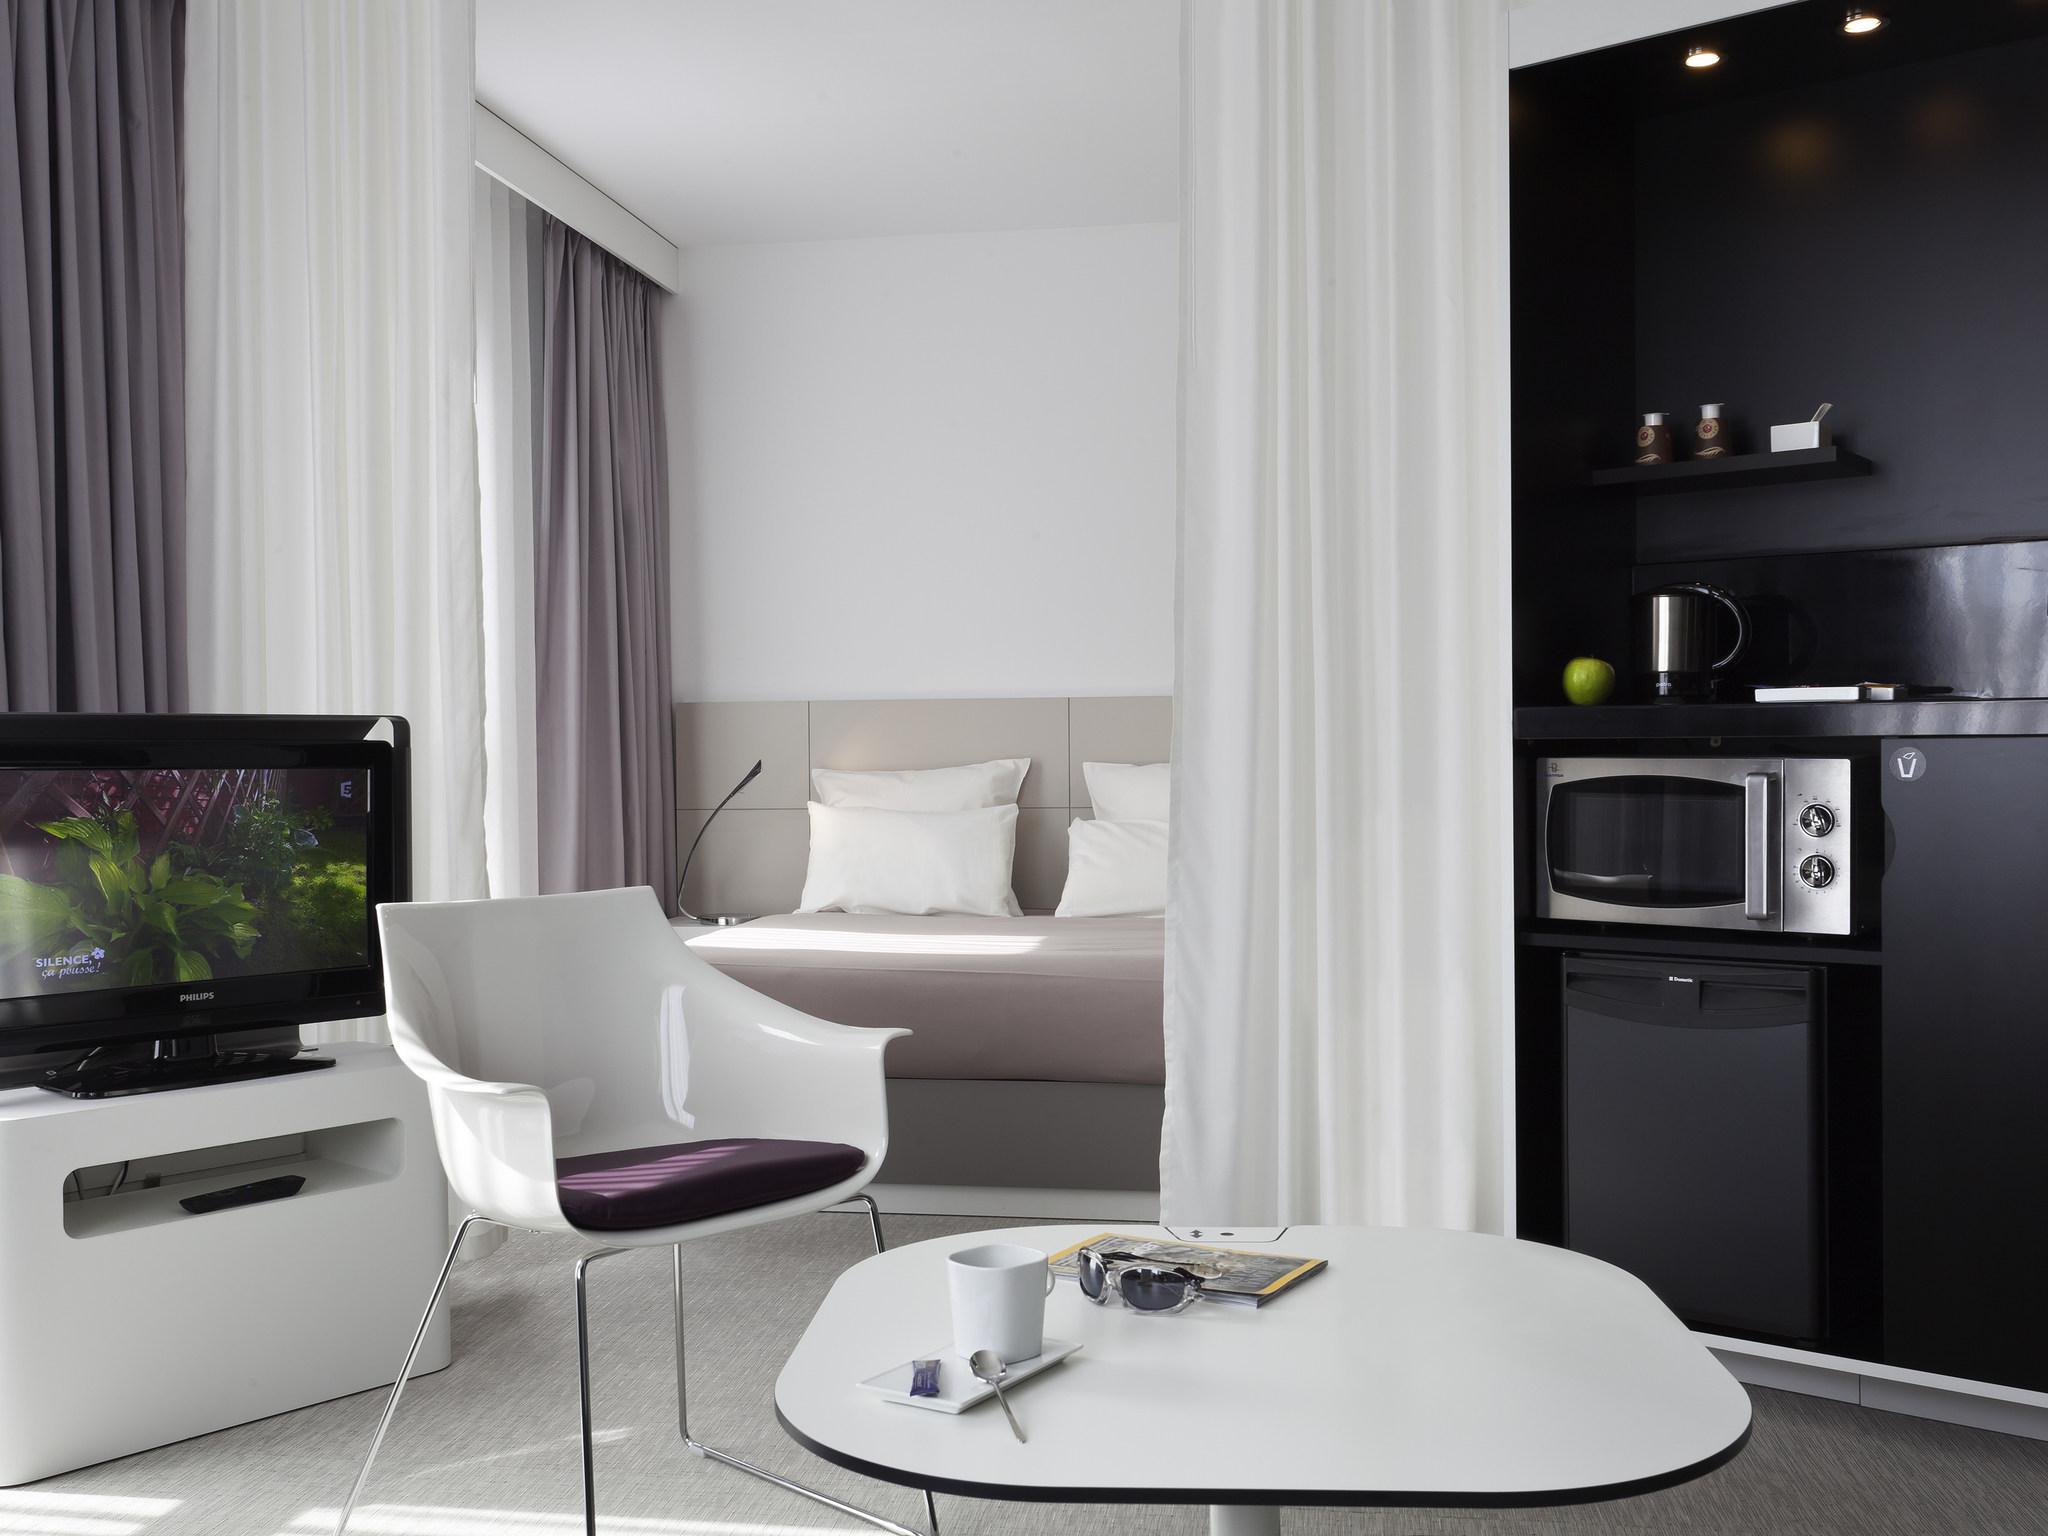 ホテル – ノボテル スイート パリ イシー レ ムリノー